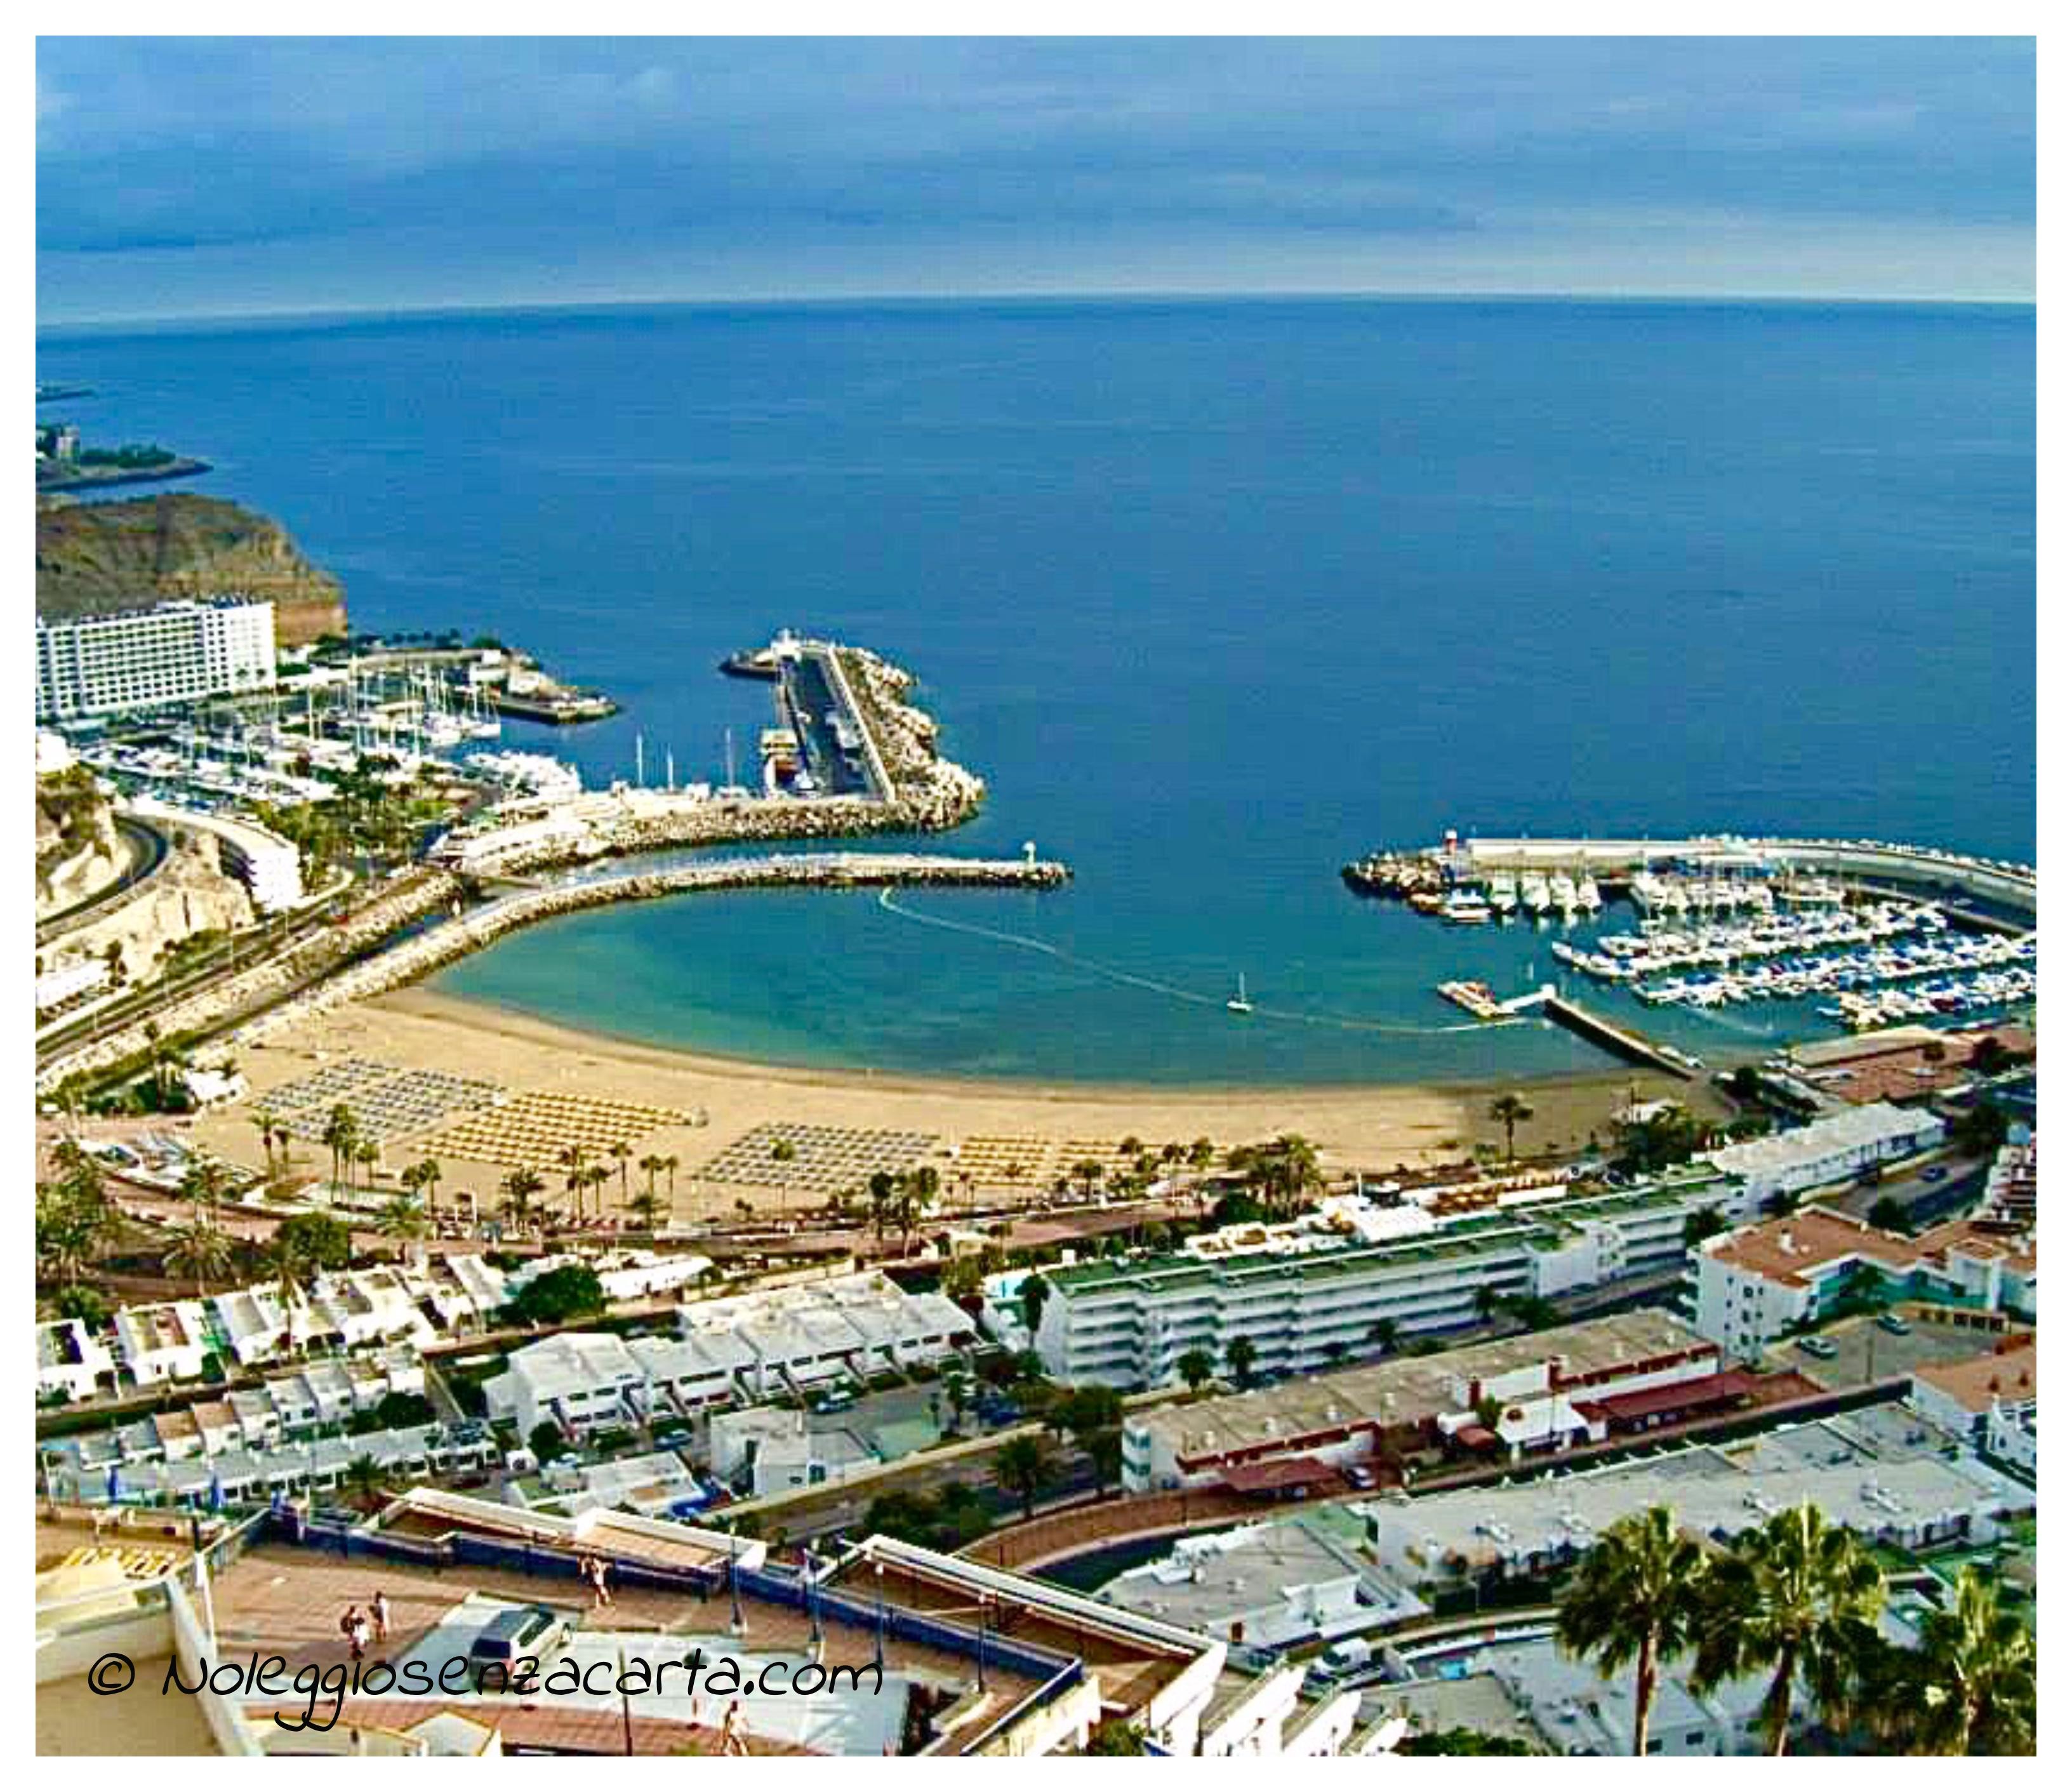 Noleggiare auto senza carta di credito a Gran Canaria